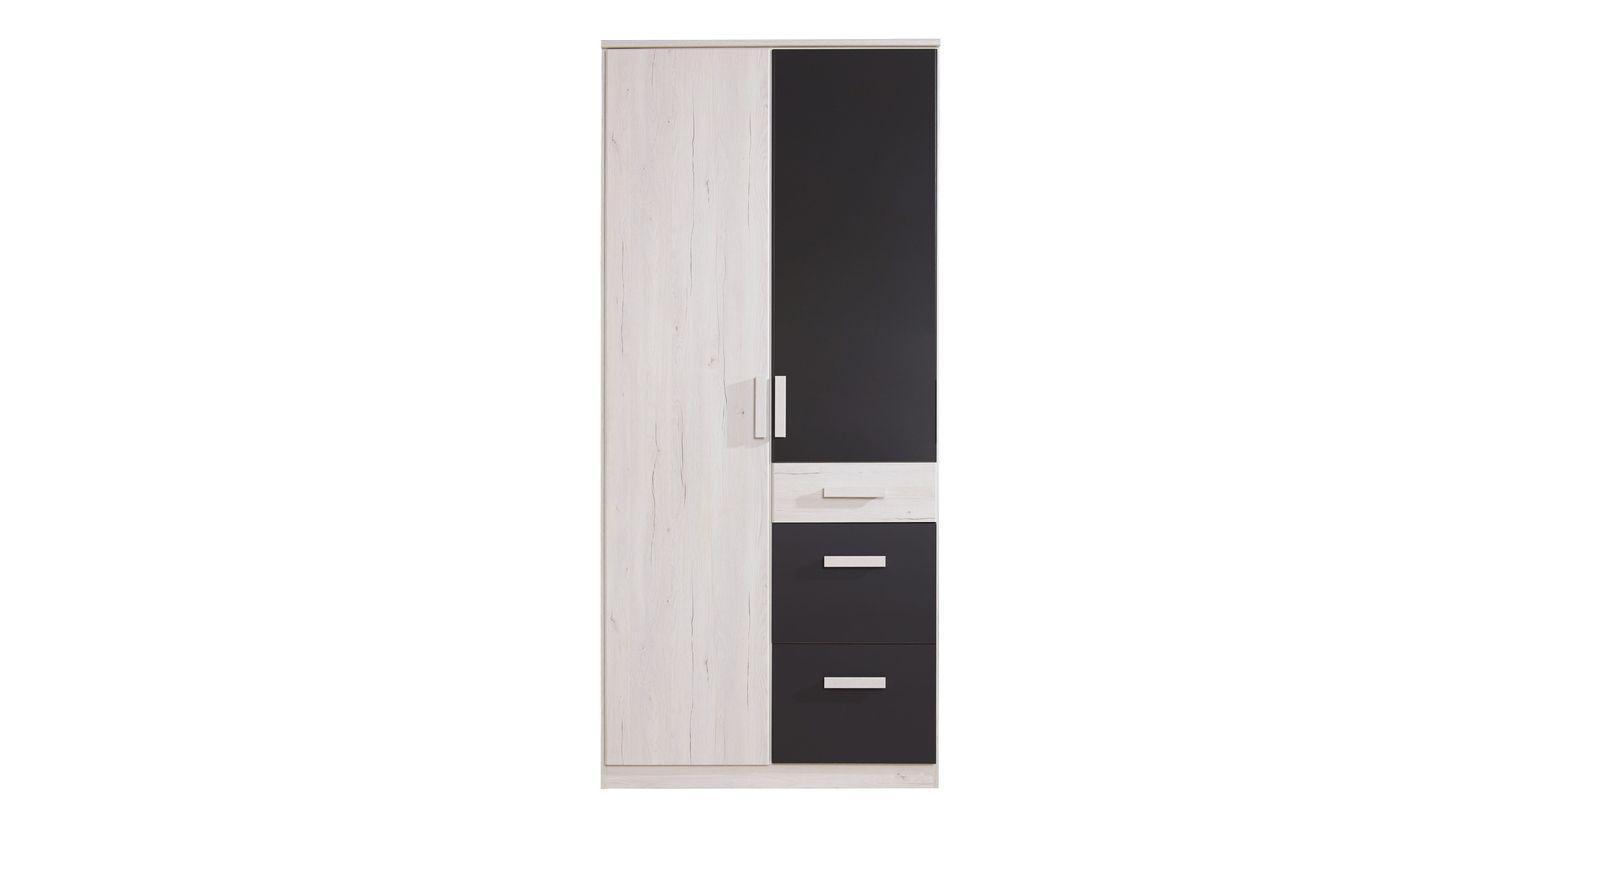 Dekor-Kleiderschrank Mereto mit 2 Türen